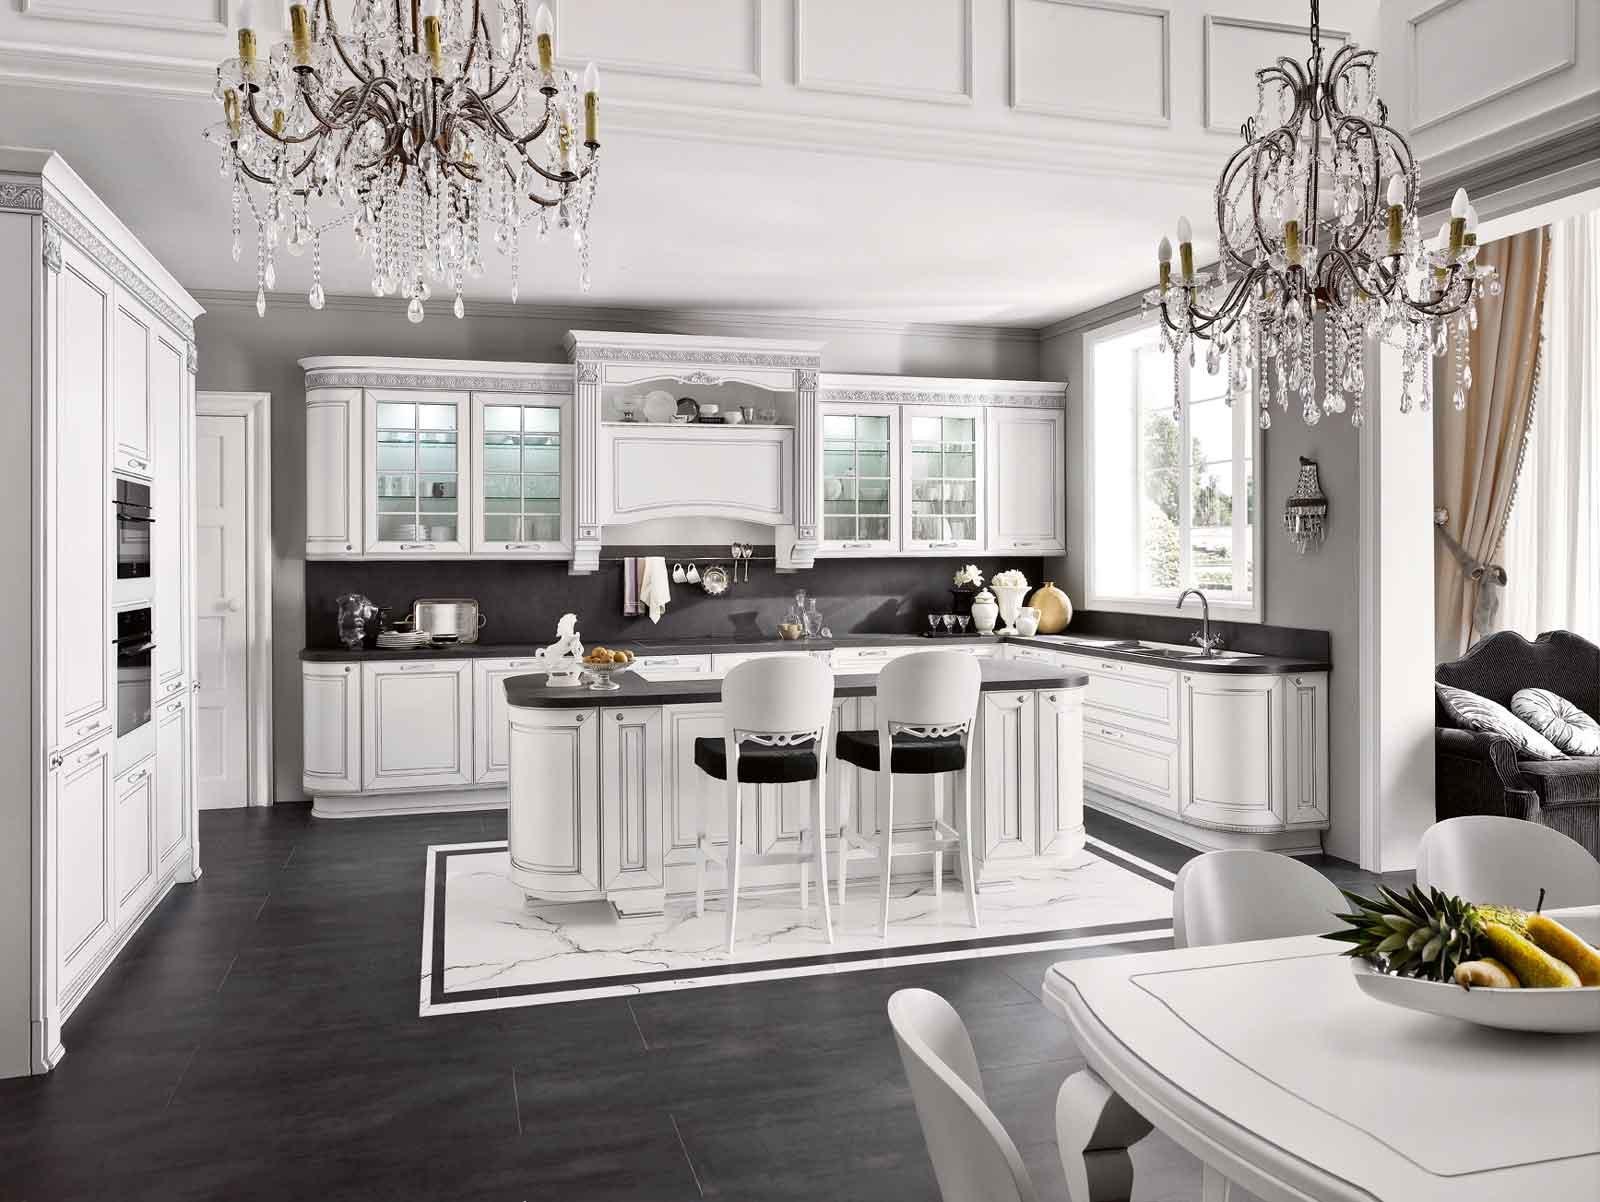 Cucina e soggiorno in un unico ambiente 3 stili cose di - Piastrelle cucina rosse ...